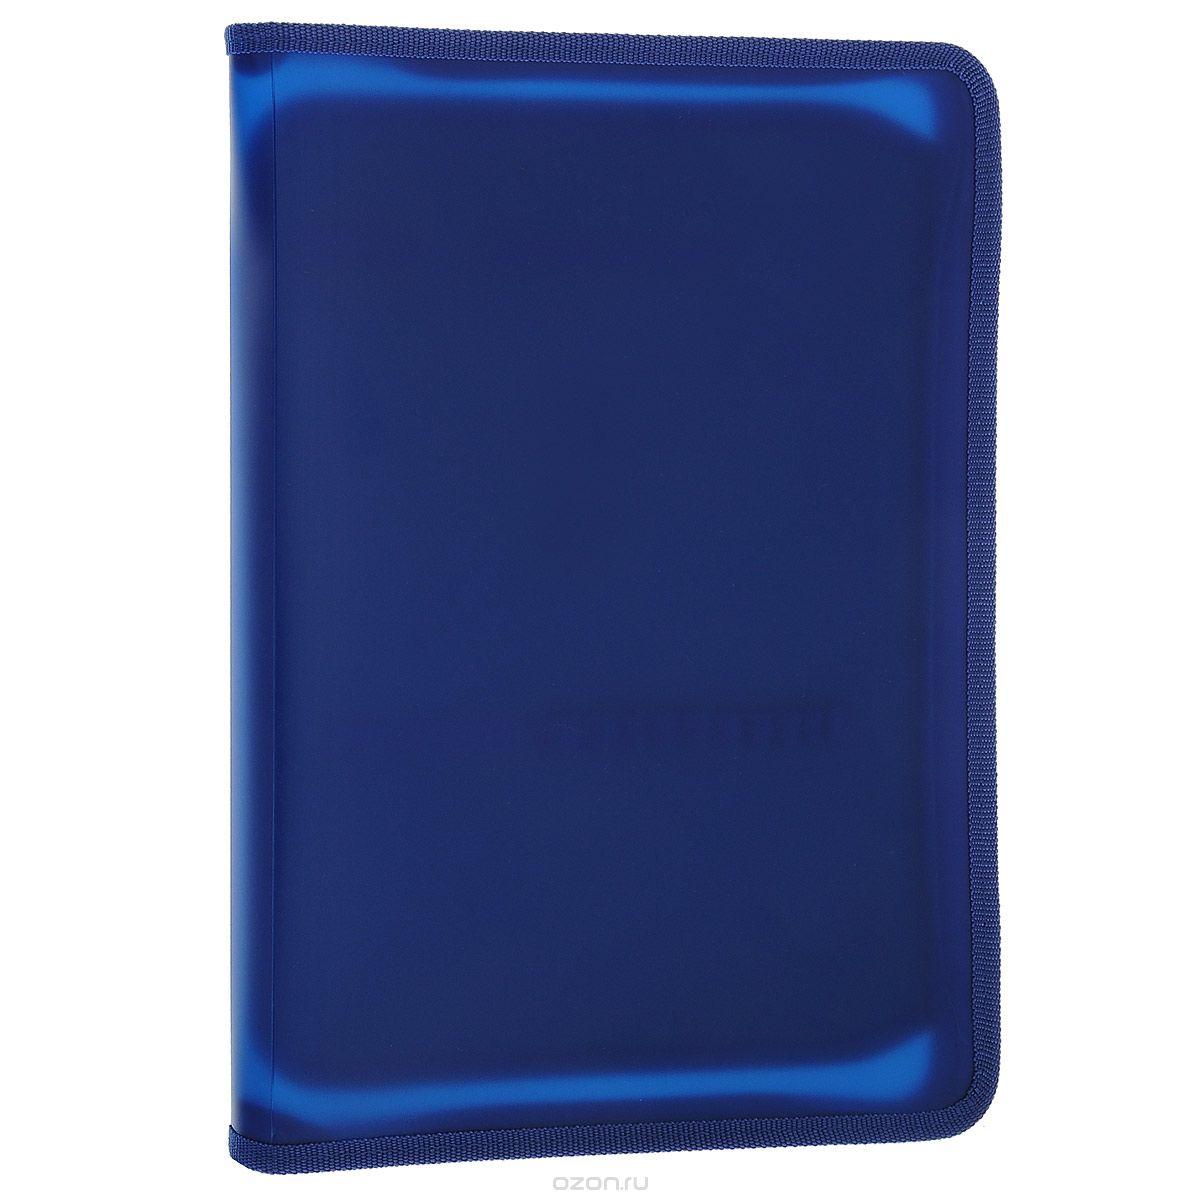 Папка для тетрадей Оникс, цвет: синий. Формат А4ПТ-Р6/9191Папка для тетрадей Оникс - это удобный и функциональный инструмент, который идеально подойдет для хранения различных бумаг формата А4, а также школьных тетрадей и письменных принадлежностей. Папка изготовлена из гибкого прозрачного пластика и надежно закрывается на застежку-молнию. Внутри расположен клапан с карманом, который дополнен эластичными фиксаторами для канцелярских принадлежностей. Края папки имеют текстильную отделку, что помогает надолго сохранить опрятный вид папки и защитить ее от повреждений. Для предотвращения загибания, уголки папки закруглены. Папка практична в использовании, надежно сохранит и сбережет бумаги и тетради от повреждений, пыли и влаги.